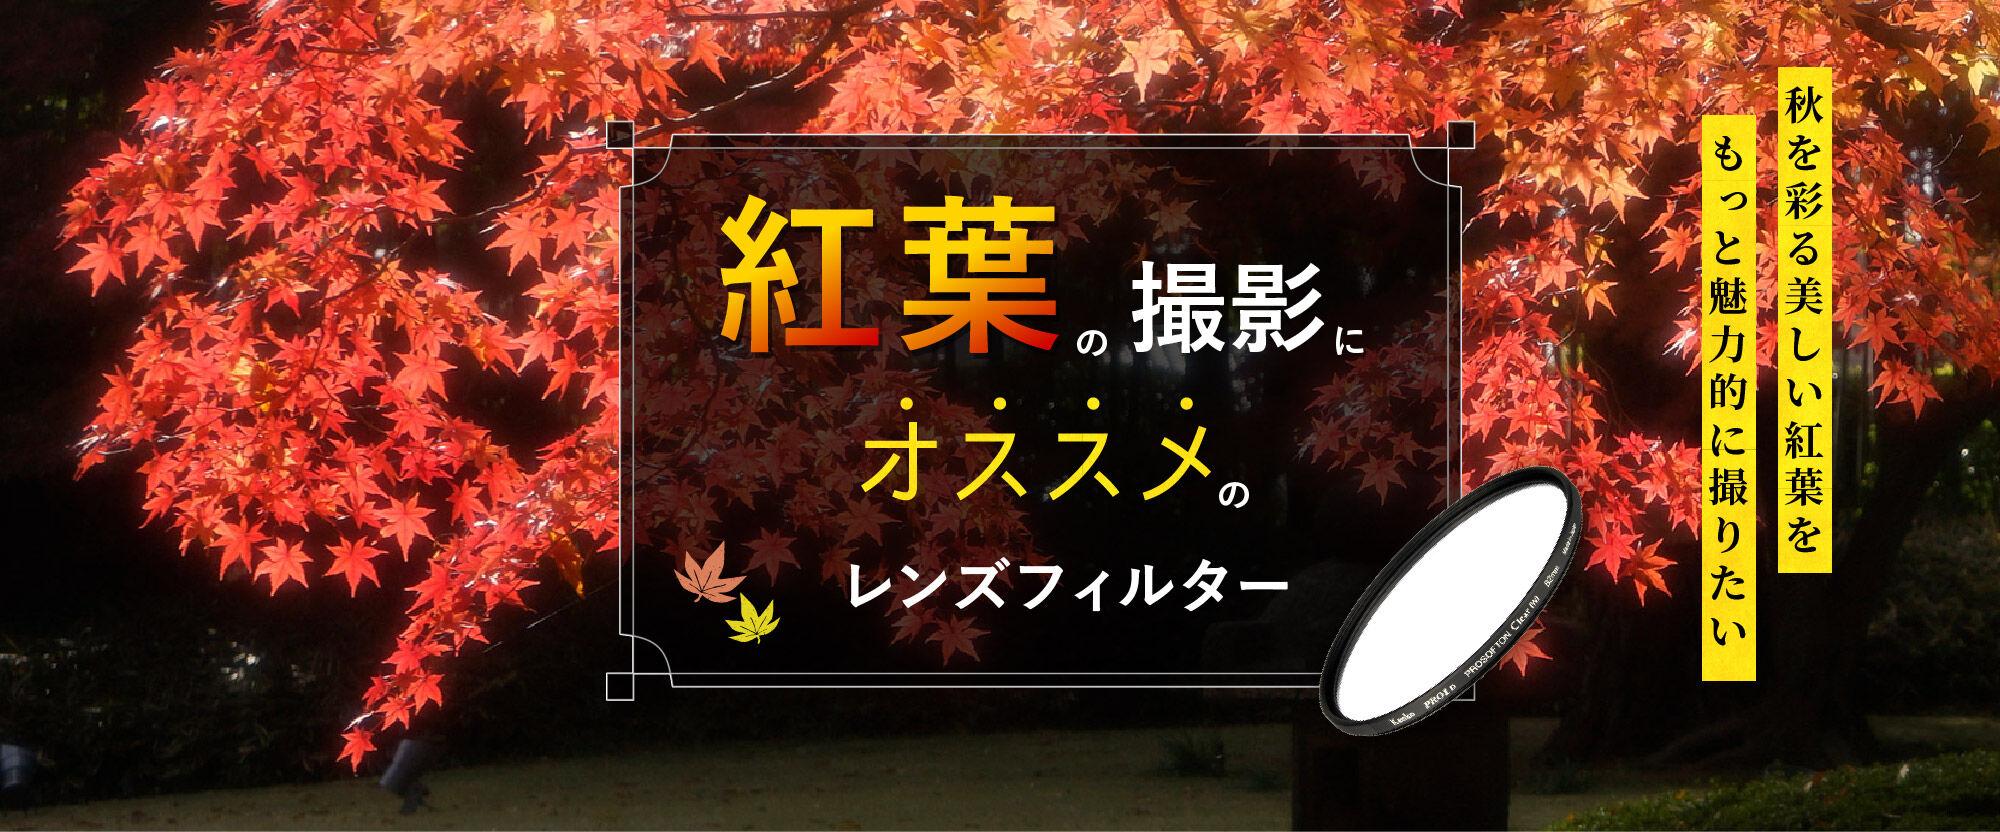 autumnleavefilter_bannar202110.jpg